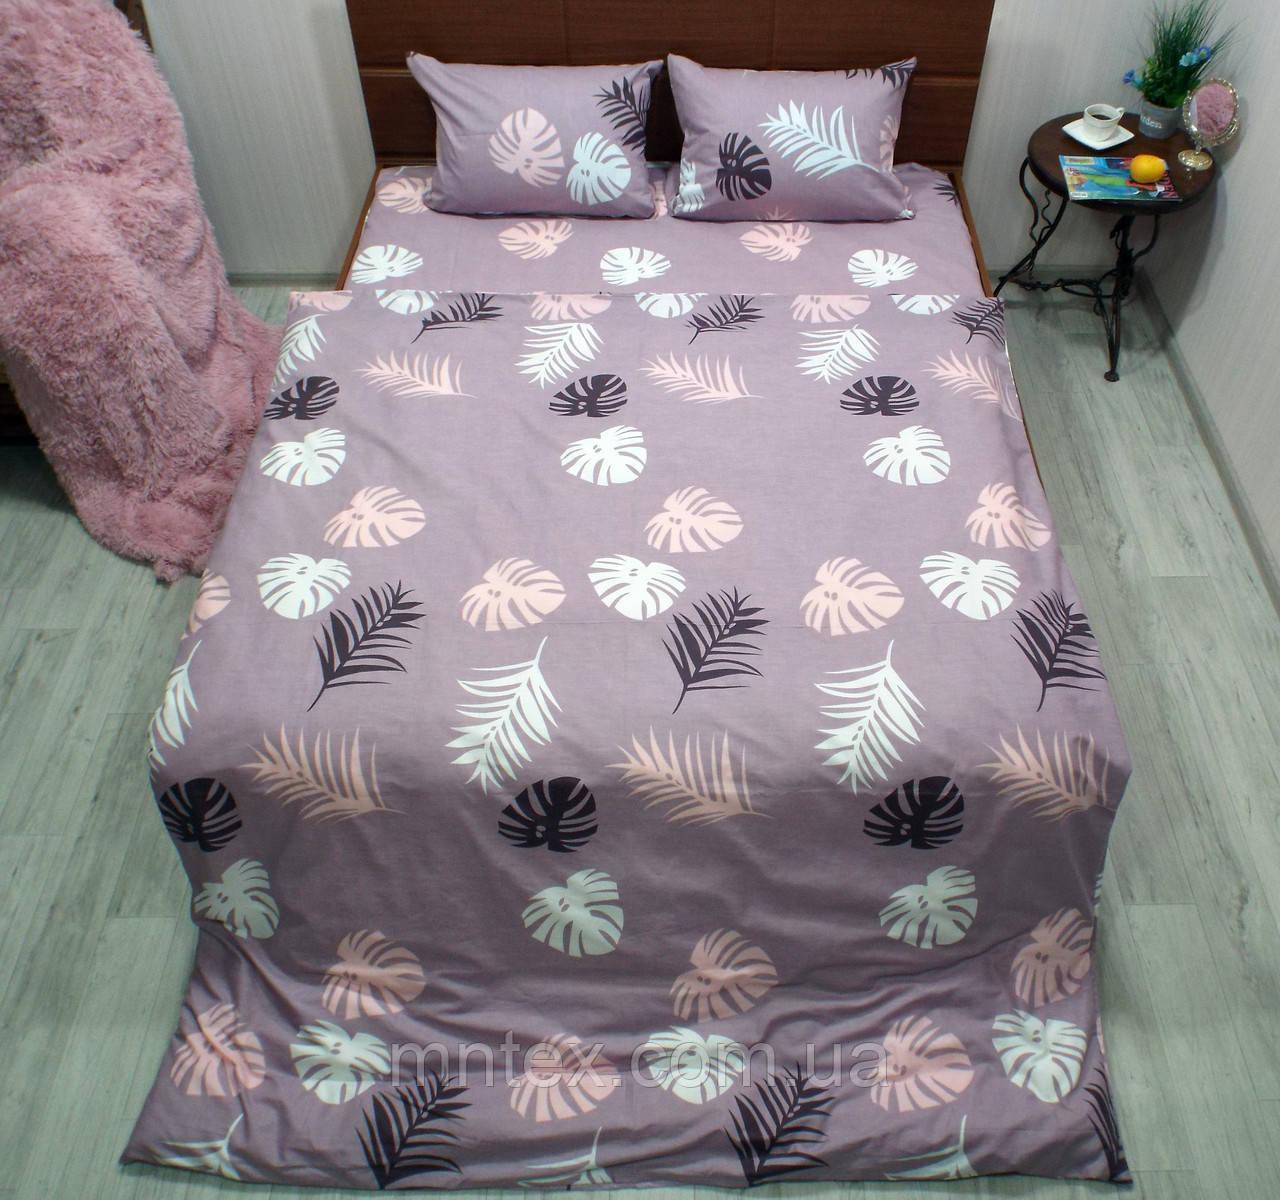 Комплект постельного белья ранфорс Лимпопо